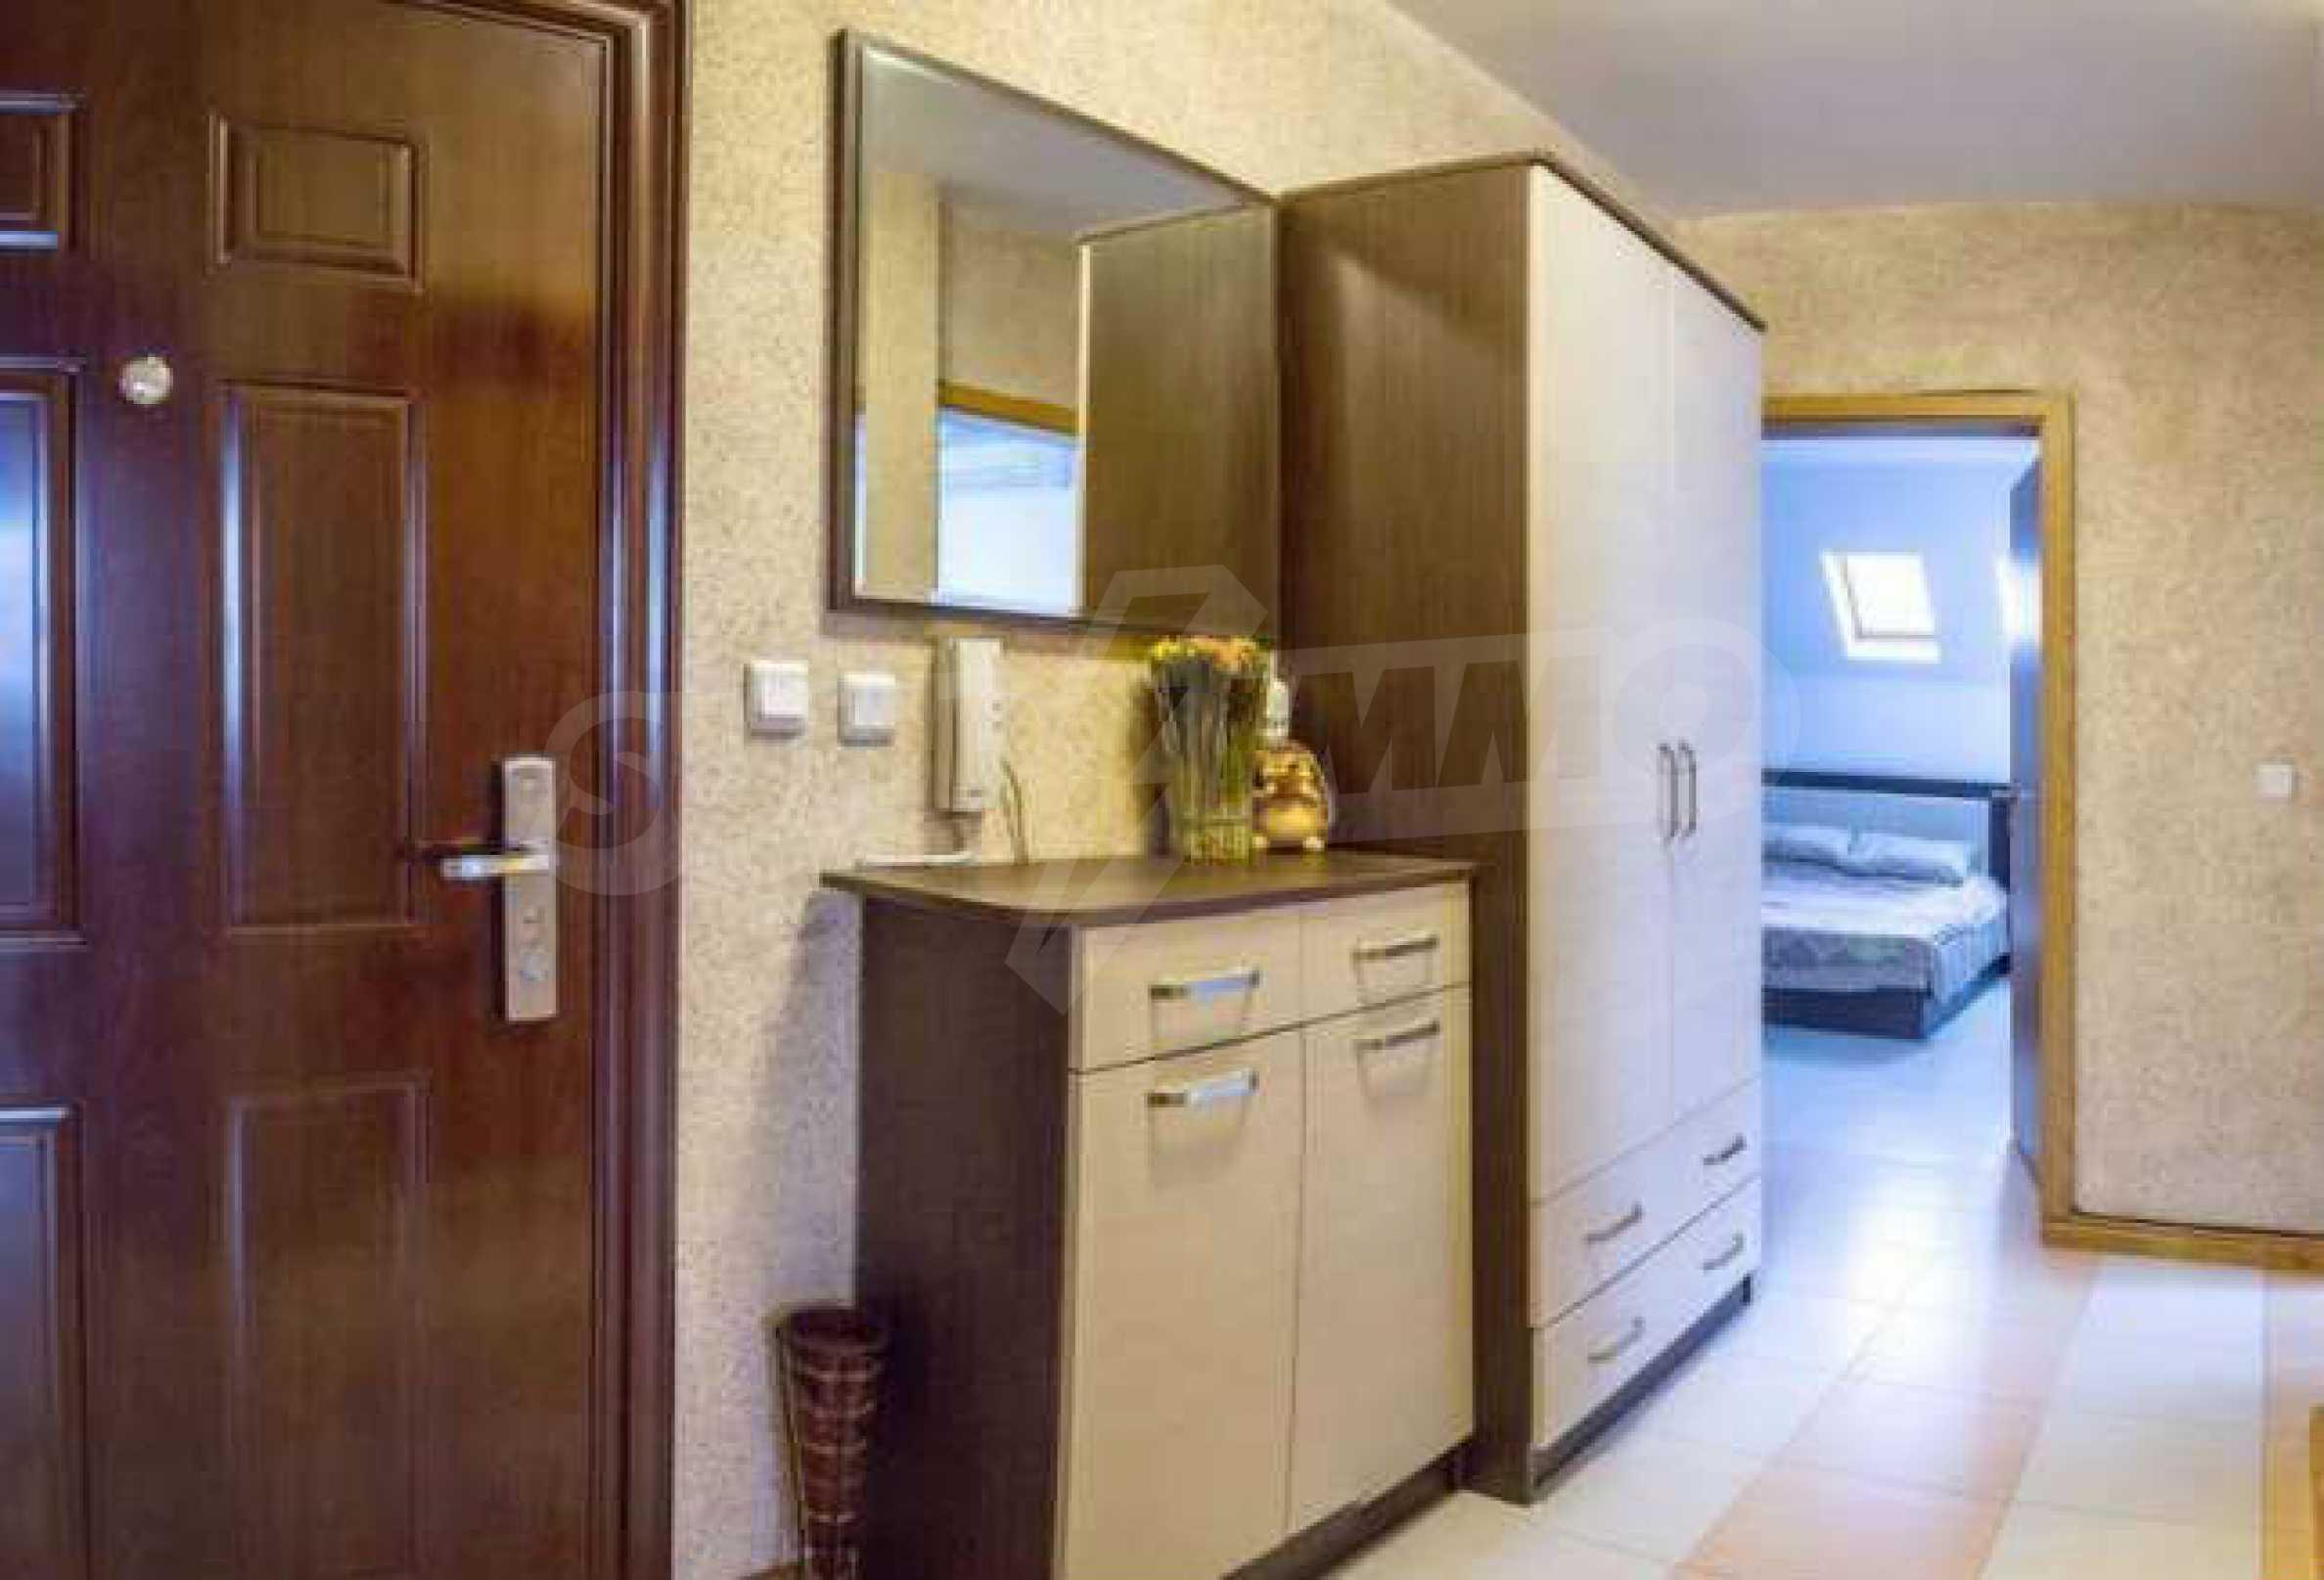 Новопостроен тристаен апартамент в кв. на град В. Търново  3